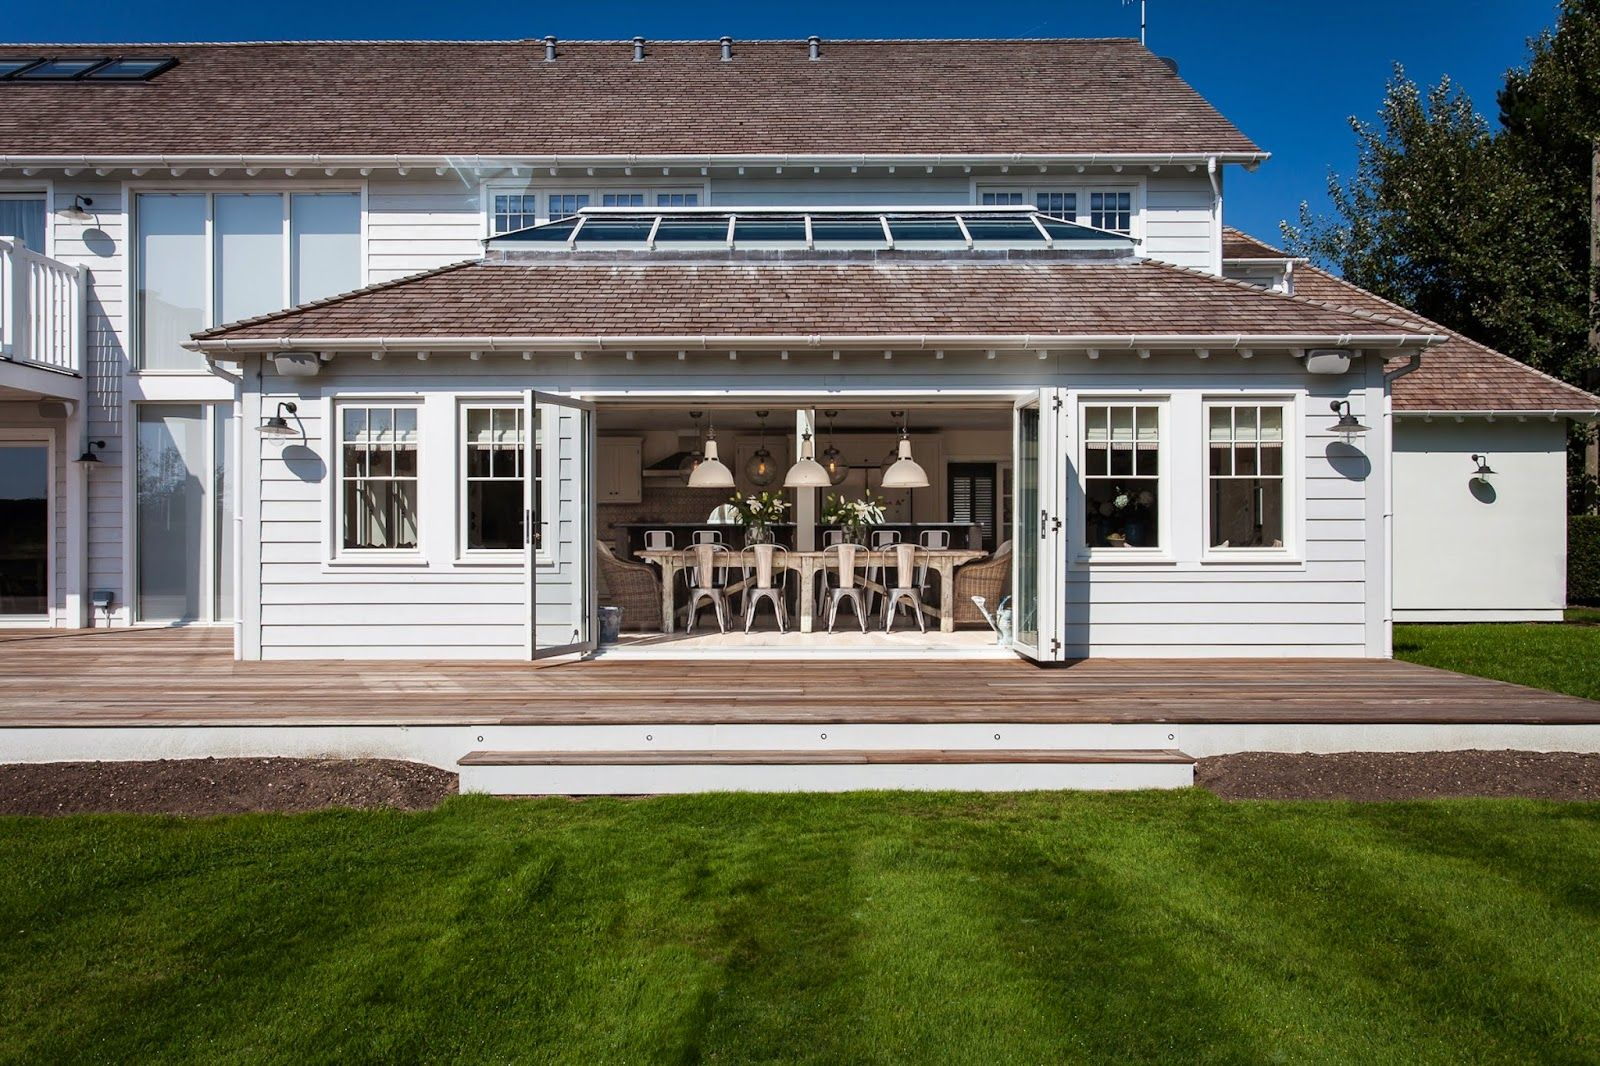 Keltainen talo rannalla: Rustiikkia, modernia ja teollisuustyyliä